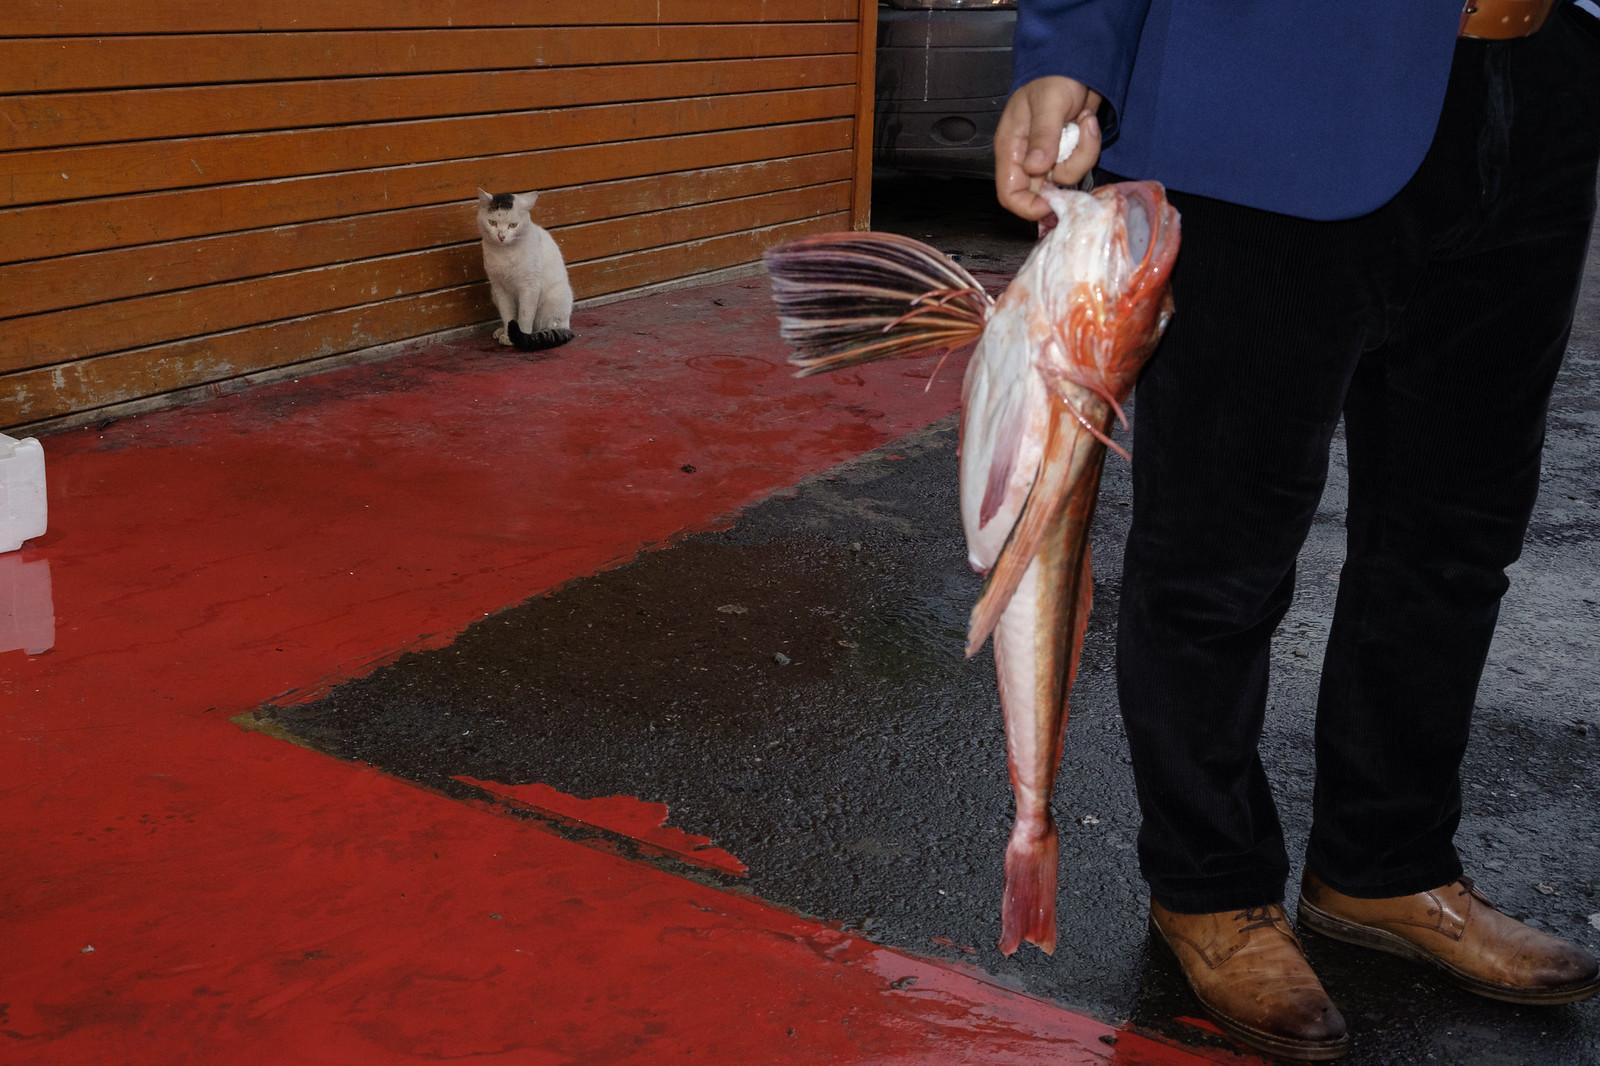 Kırlangıc ve kedi | by Ufuk Akarı (TURKUAZSTREET)